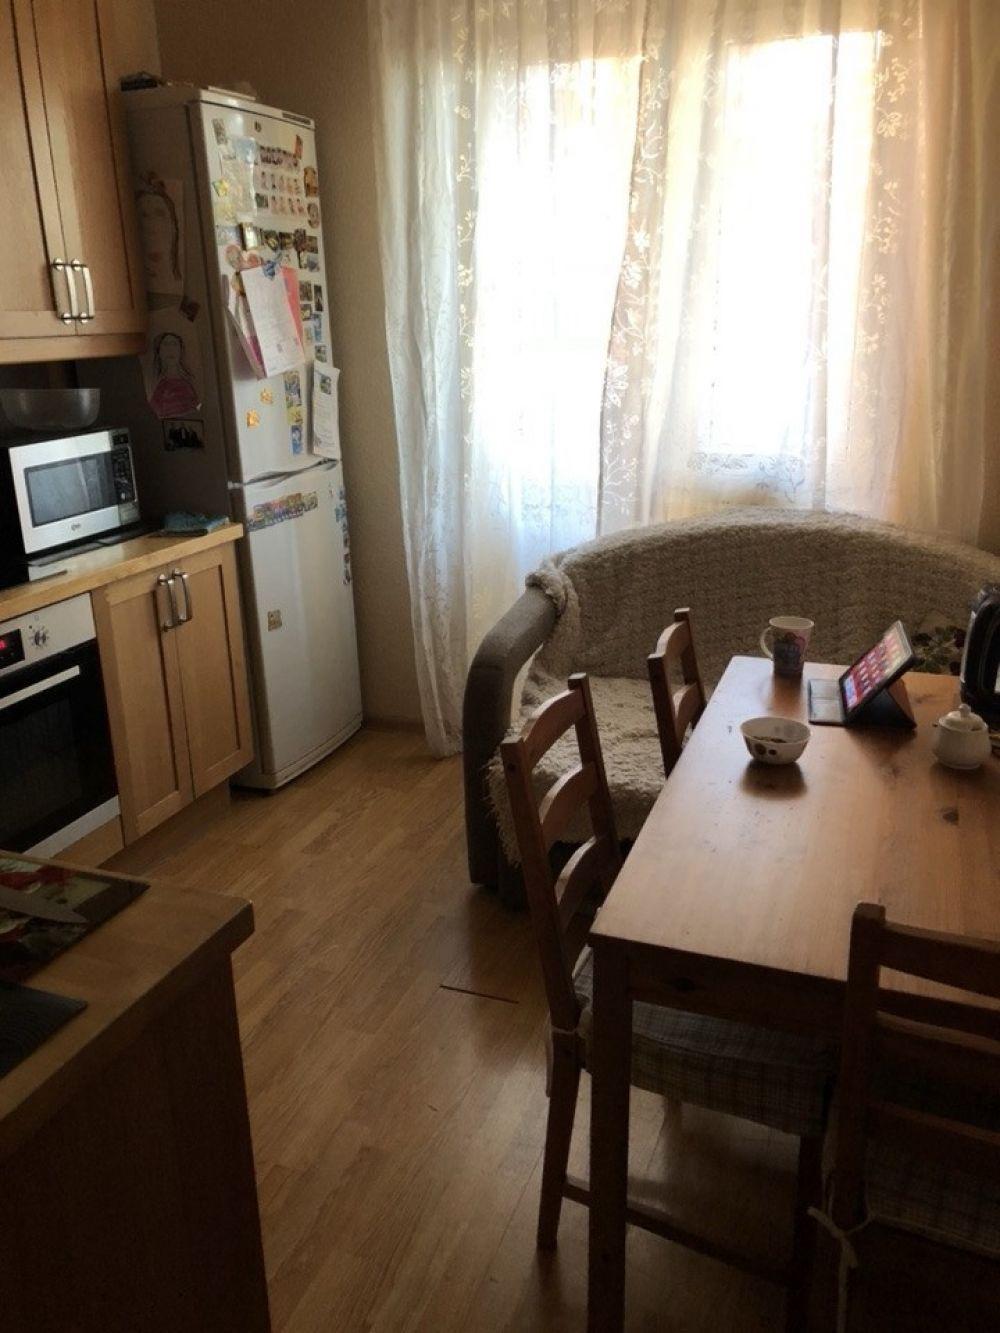 1-к квартира, Щёлково, улица Неделина, 24, фото 3